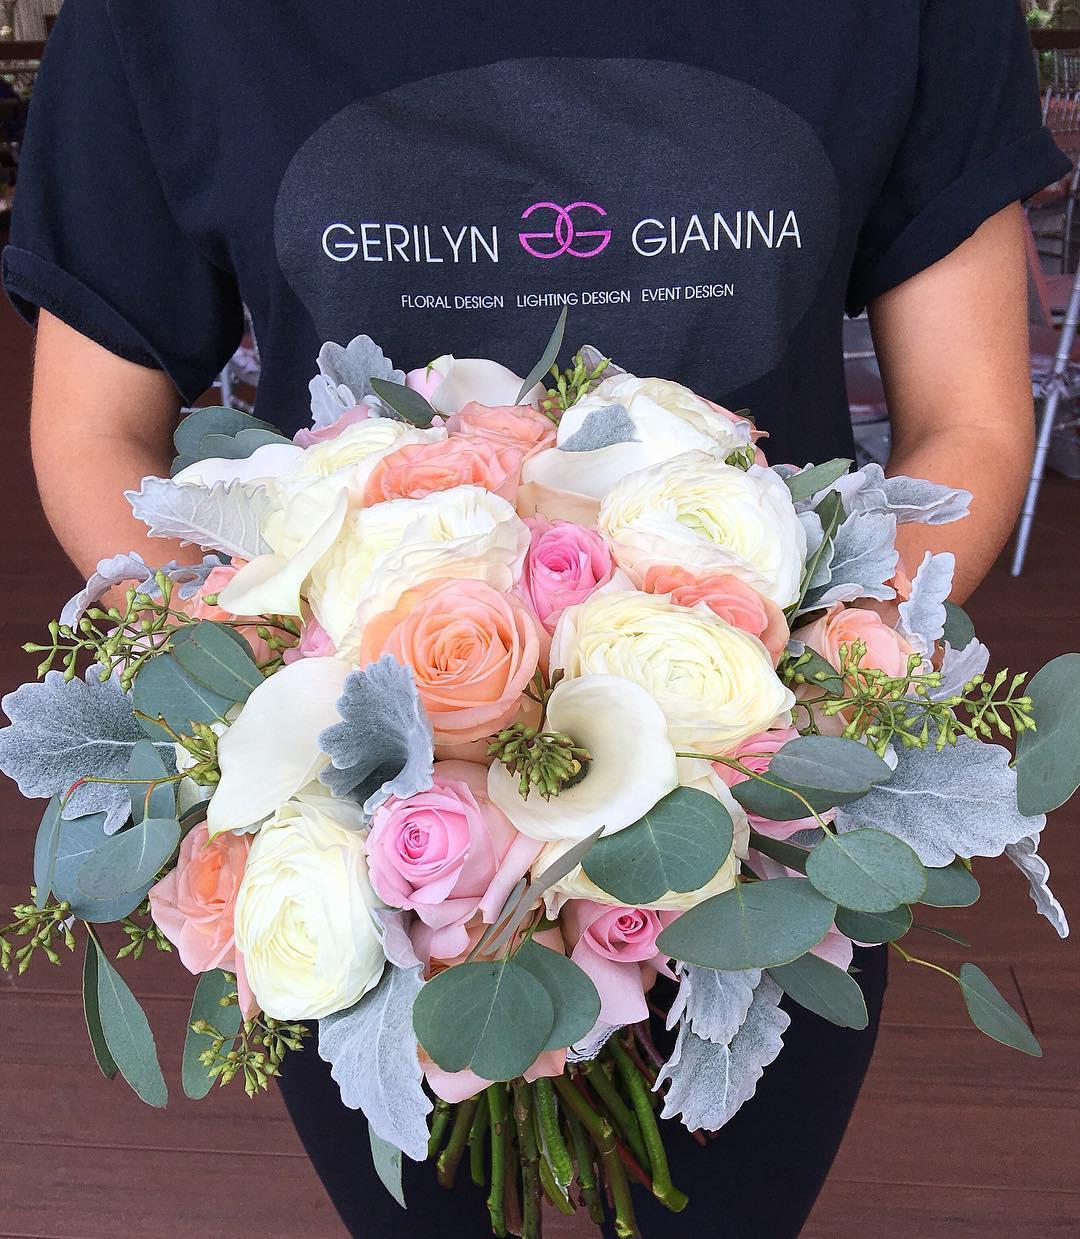 Palm Beach Florist_Gerilyn Giana Floral